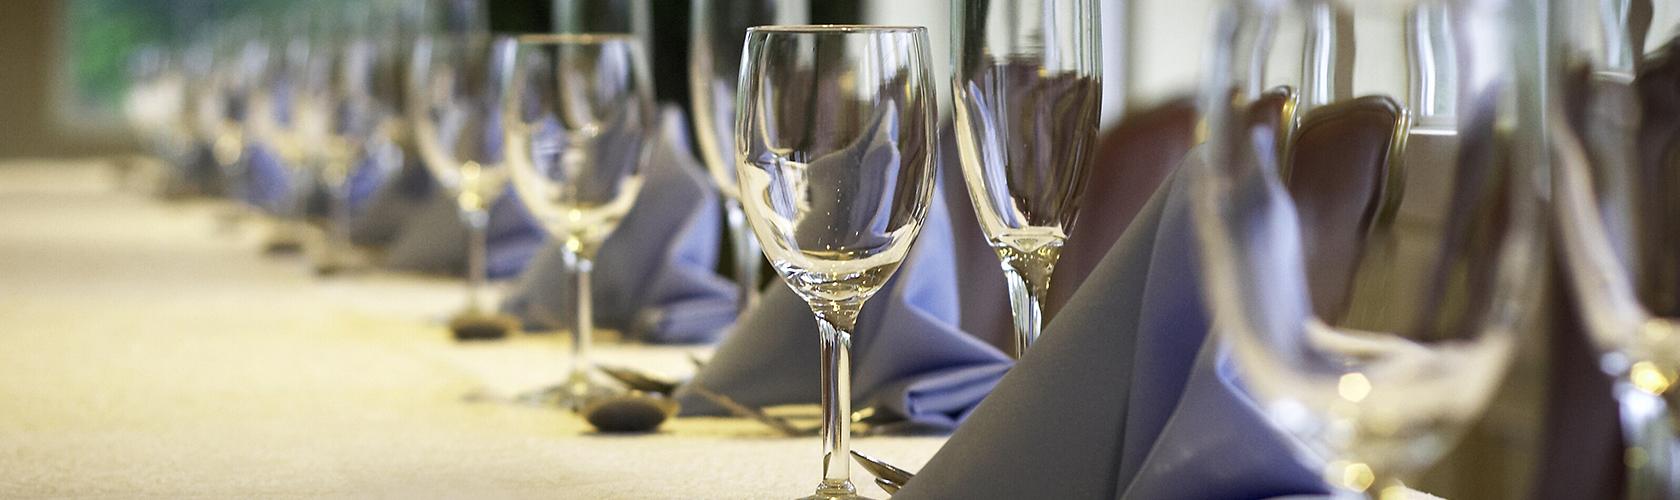 Estudo reforça que o consumo moderado de vinho ajuda a proteger o cérebro contra demência